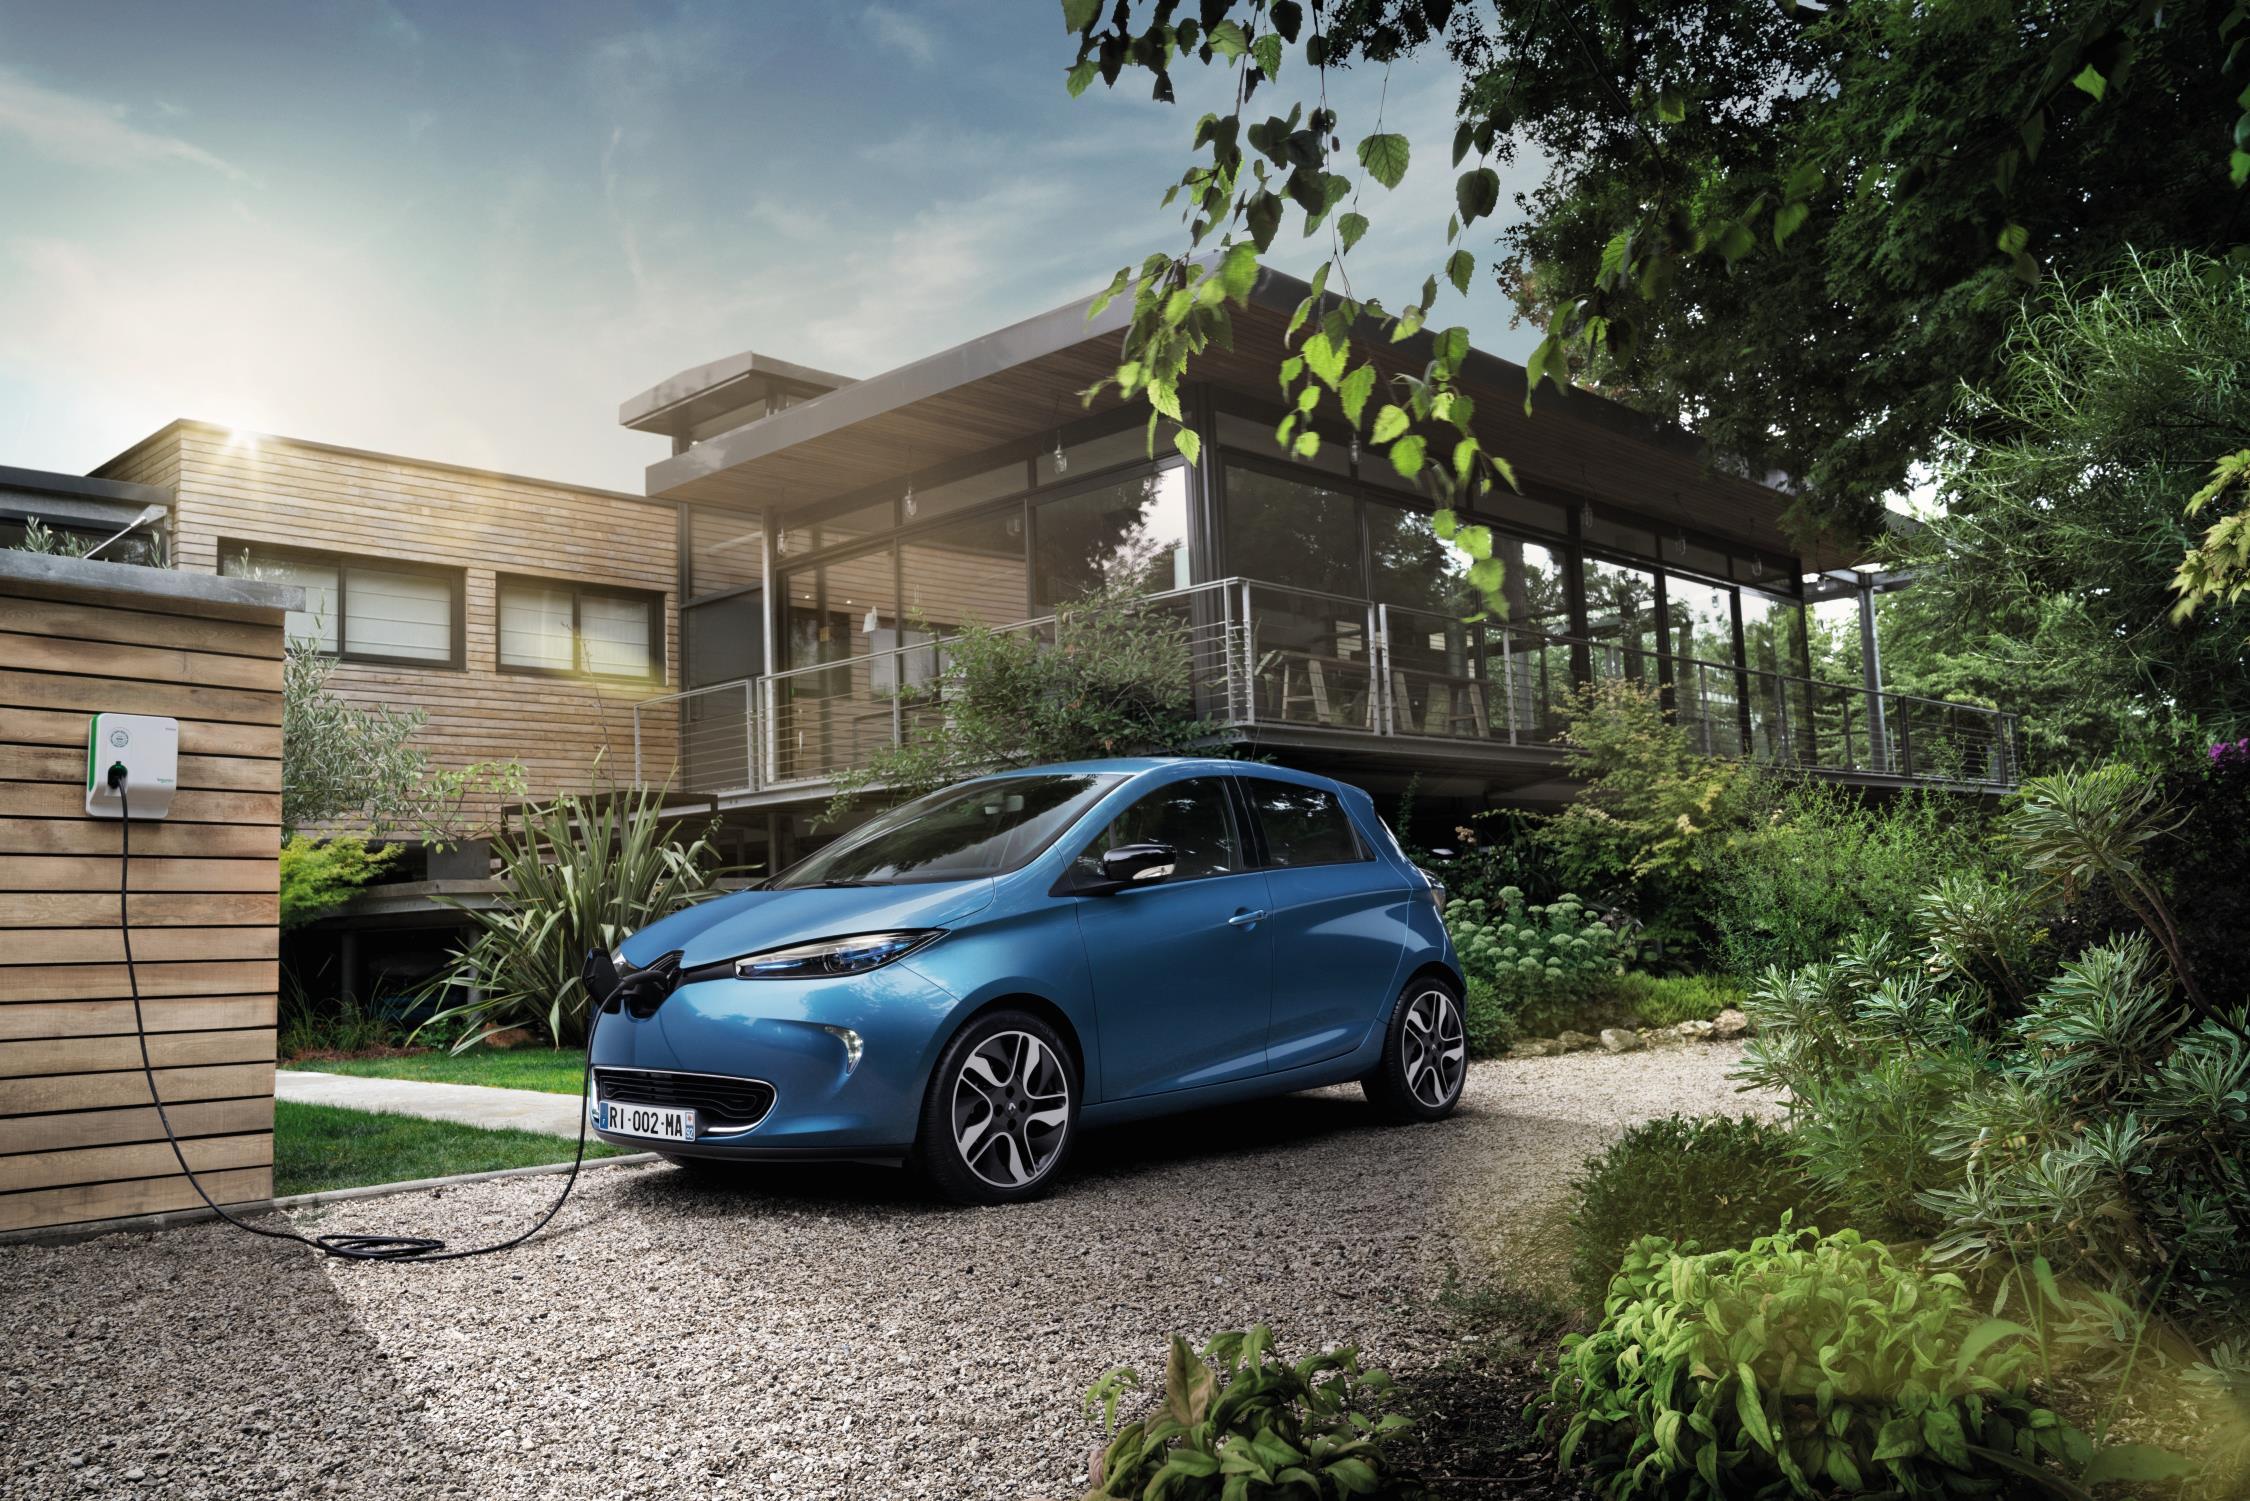 Merită să am mașină electrică în România?